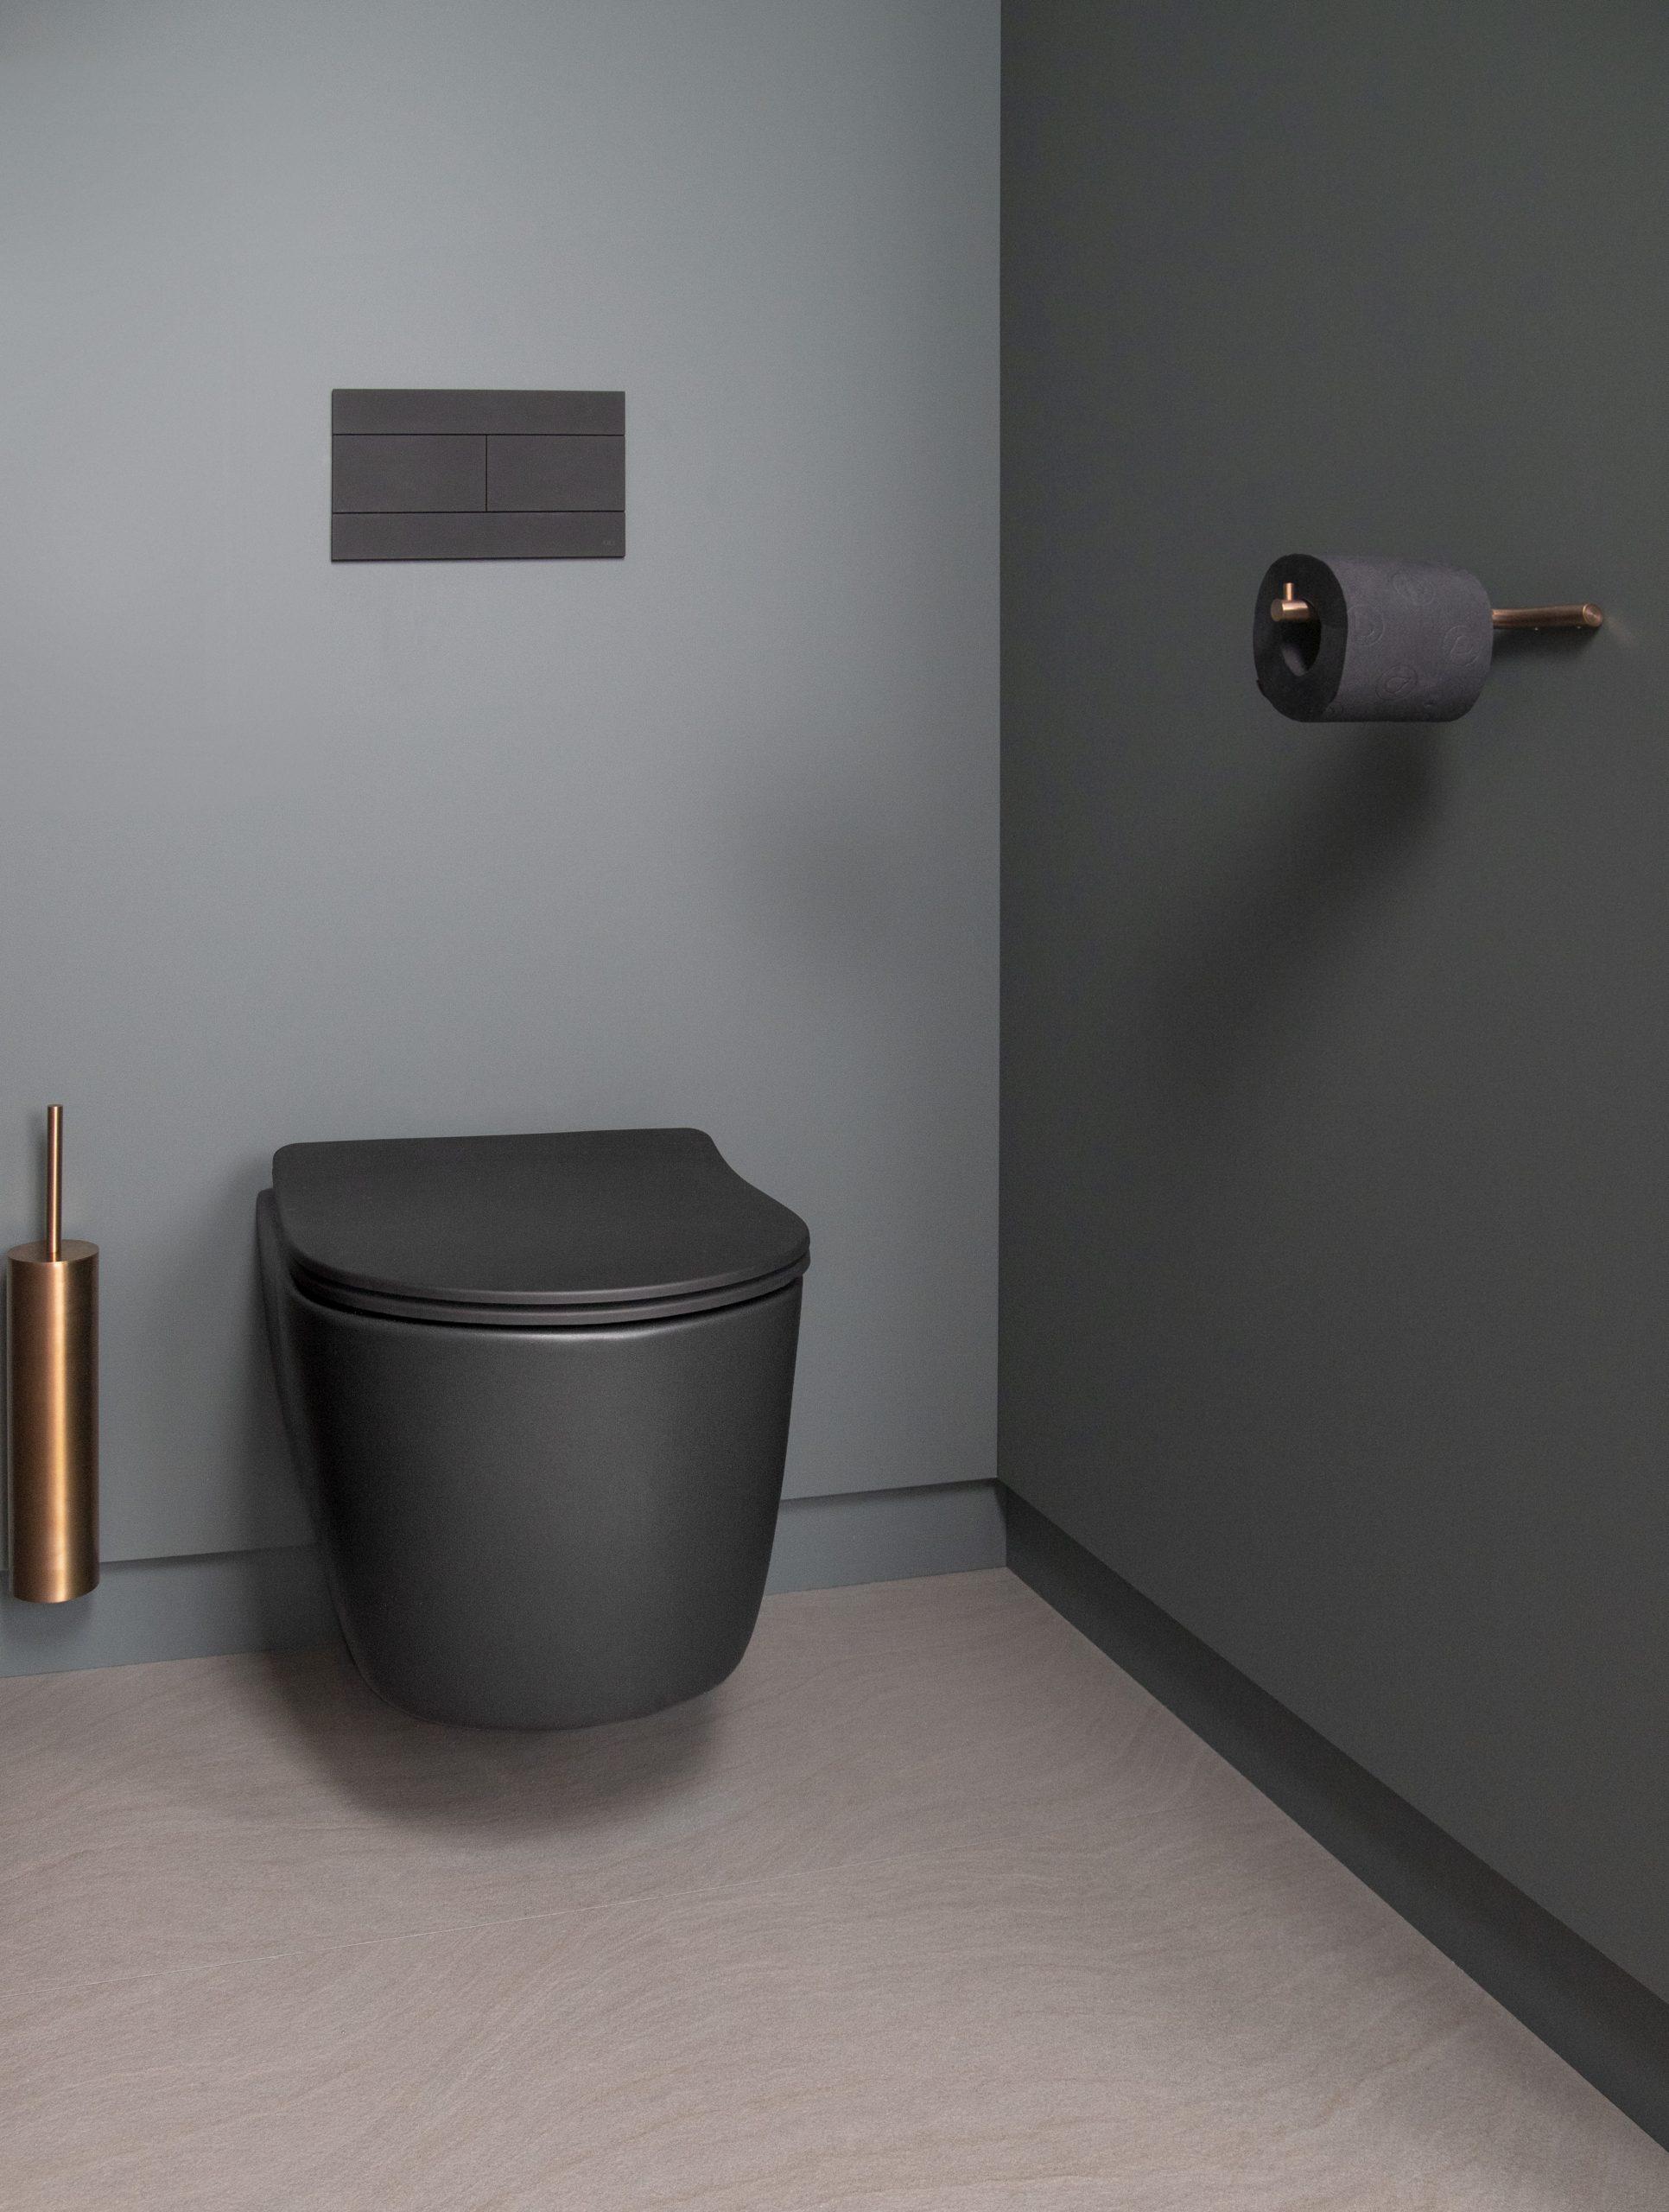 Mijn-bad-in-stijl-tip4-zwarte-details